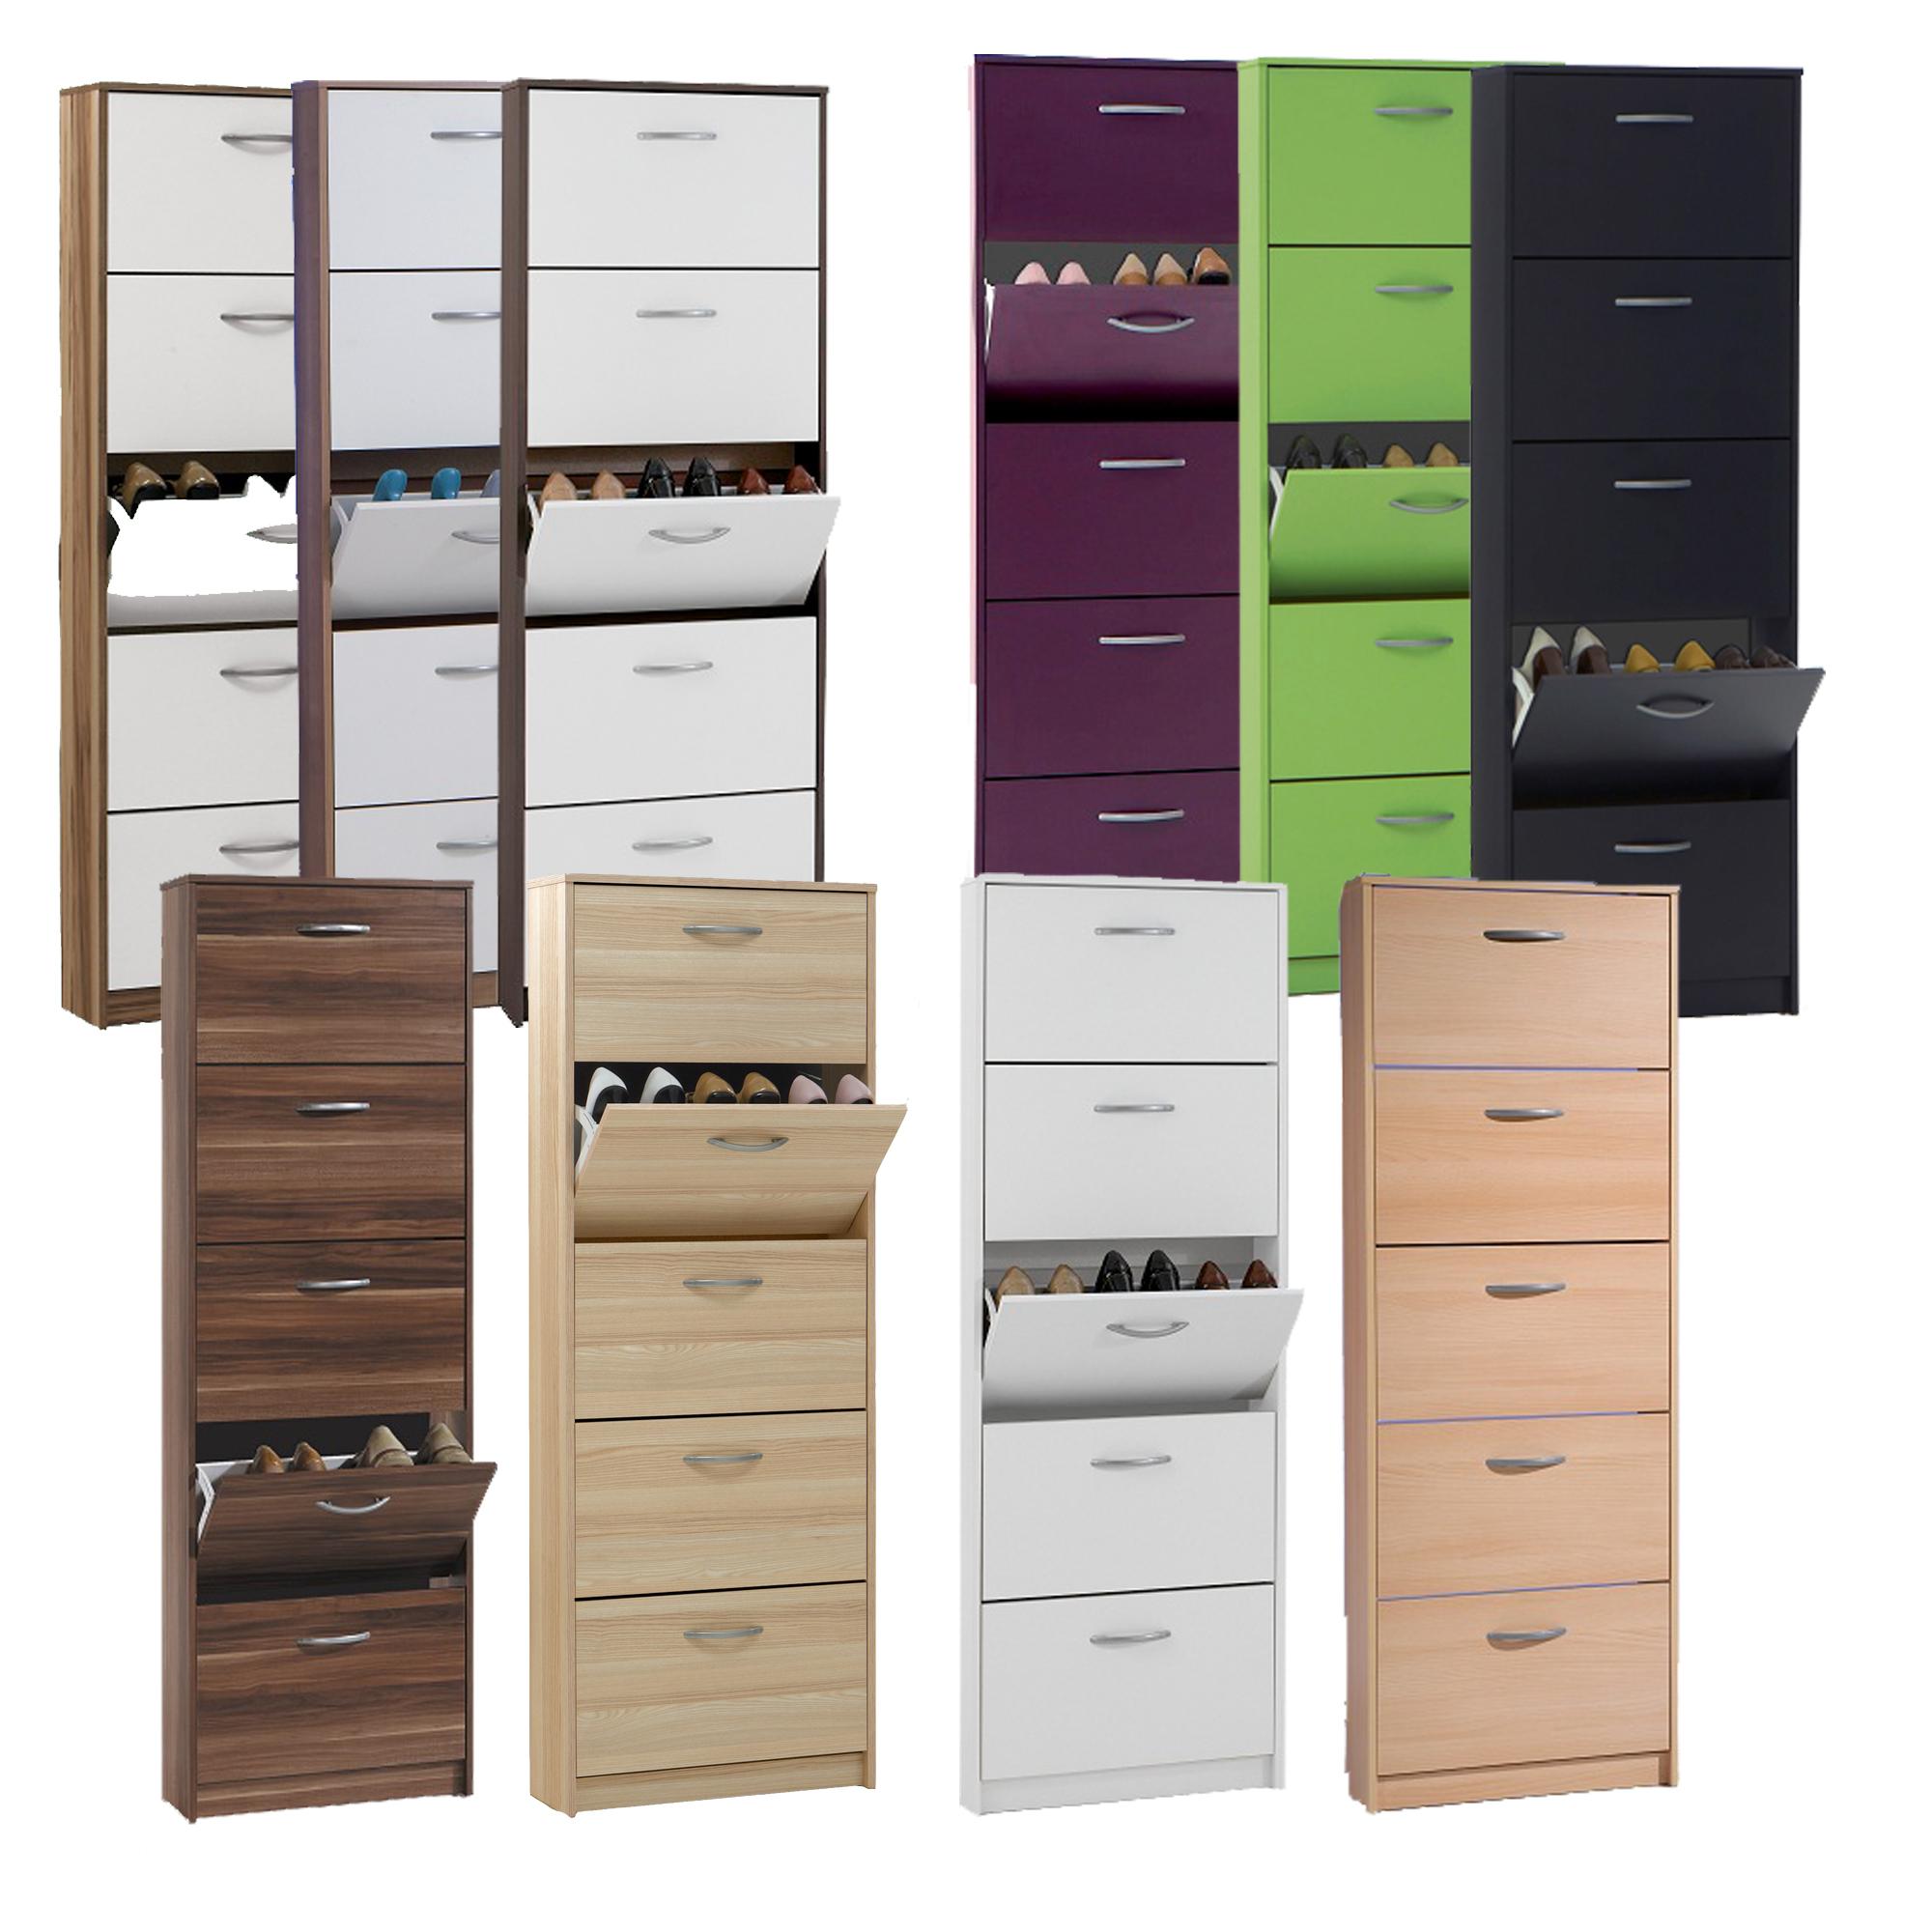 schuhschrank mit 5 schuhkipper verschiedenen farben buche. Black Bedroom Furniture Sets. Home Design Ideas